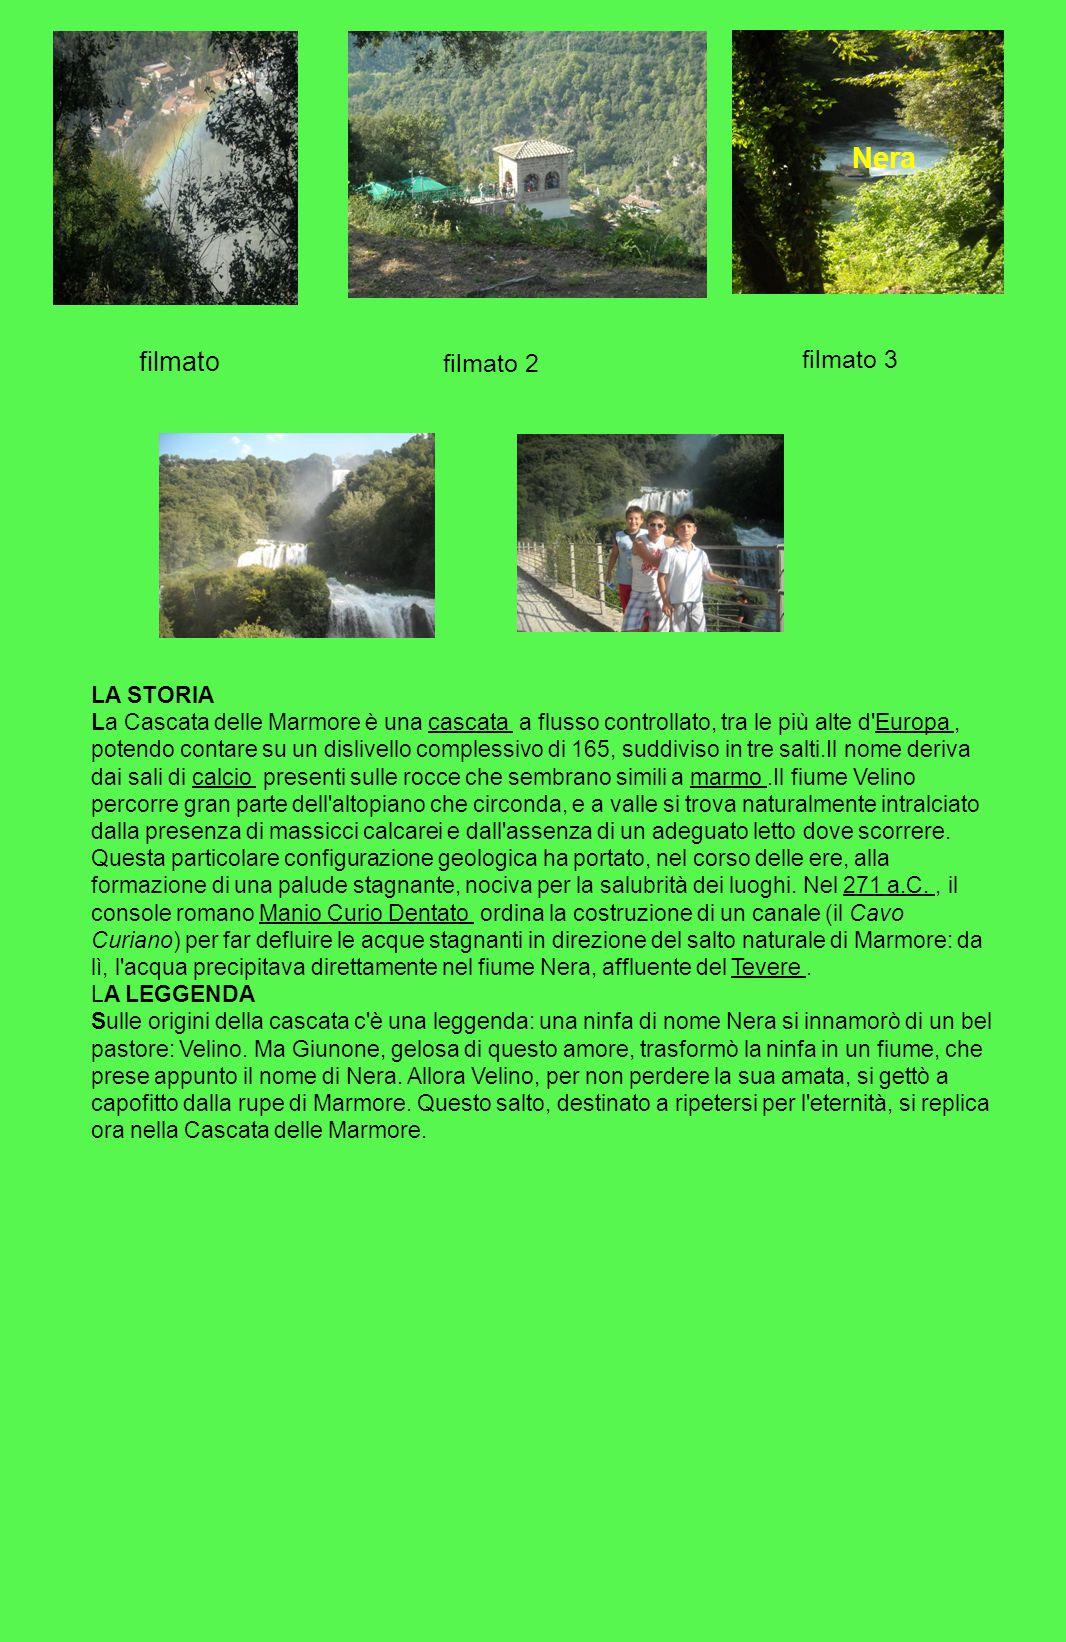 filmato Nera filmato 3 filmato 2 LA STORIA La Cascata delle Marmore è una cascata a flusso controllato, tra le più alte d'Europa, potendo contare su u